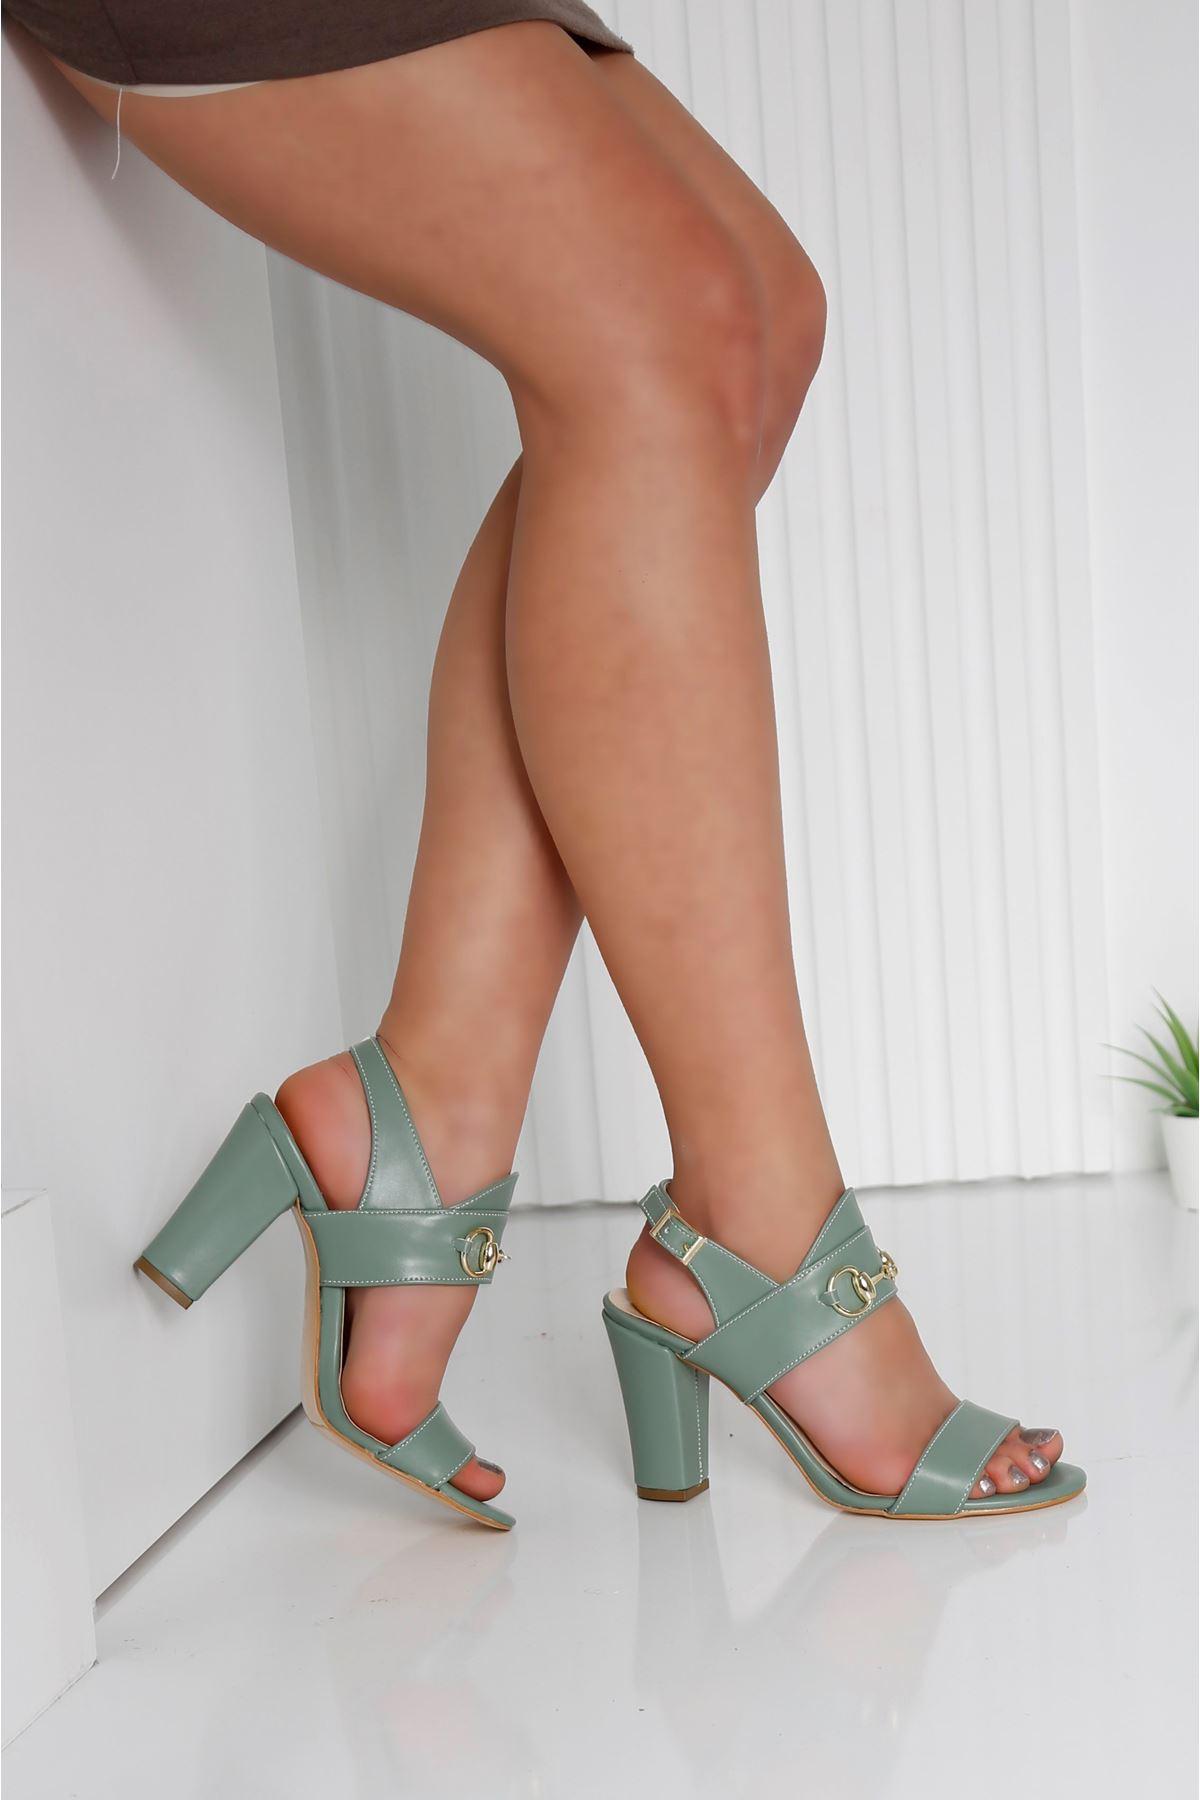 RAYNE Mint Yeşili Topuklu Kadın Ayakkabı